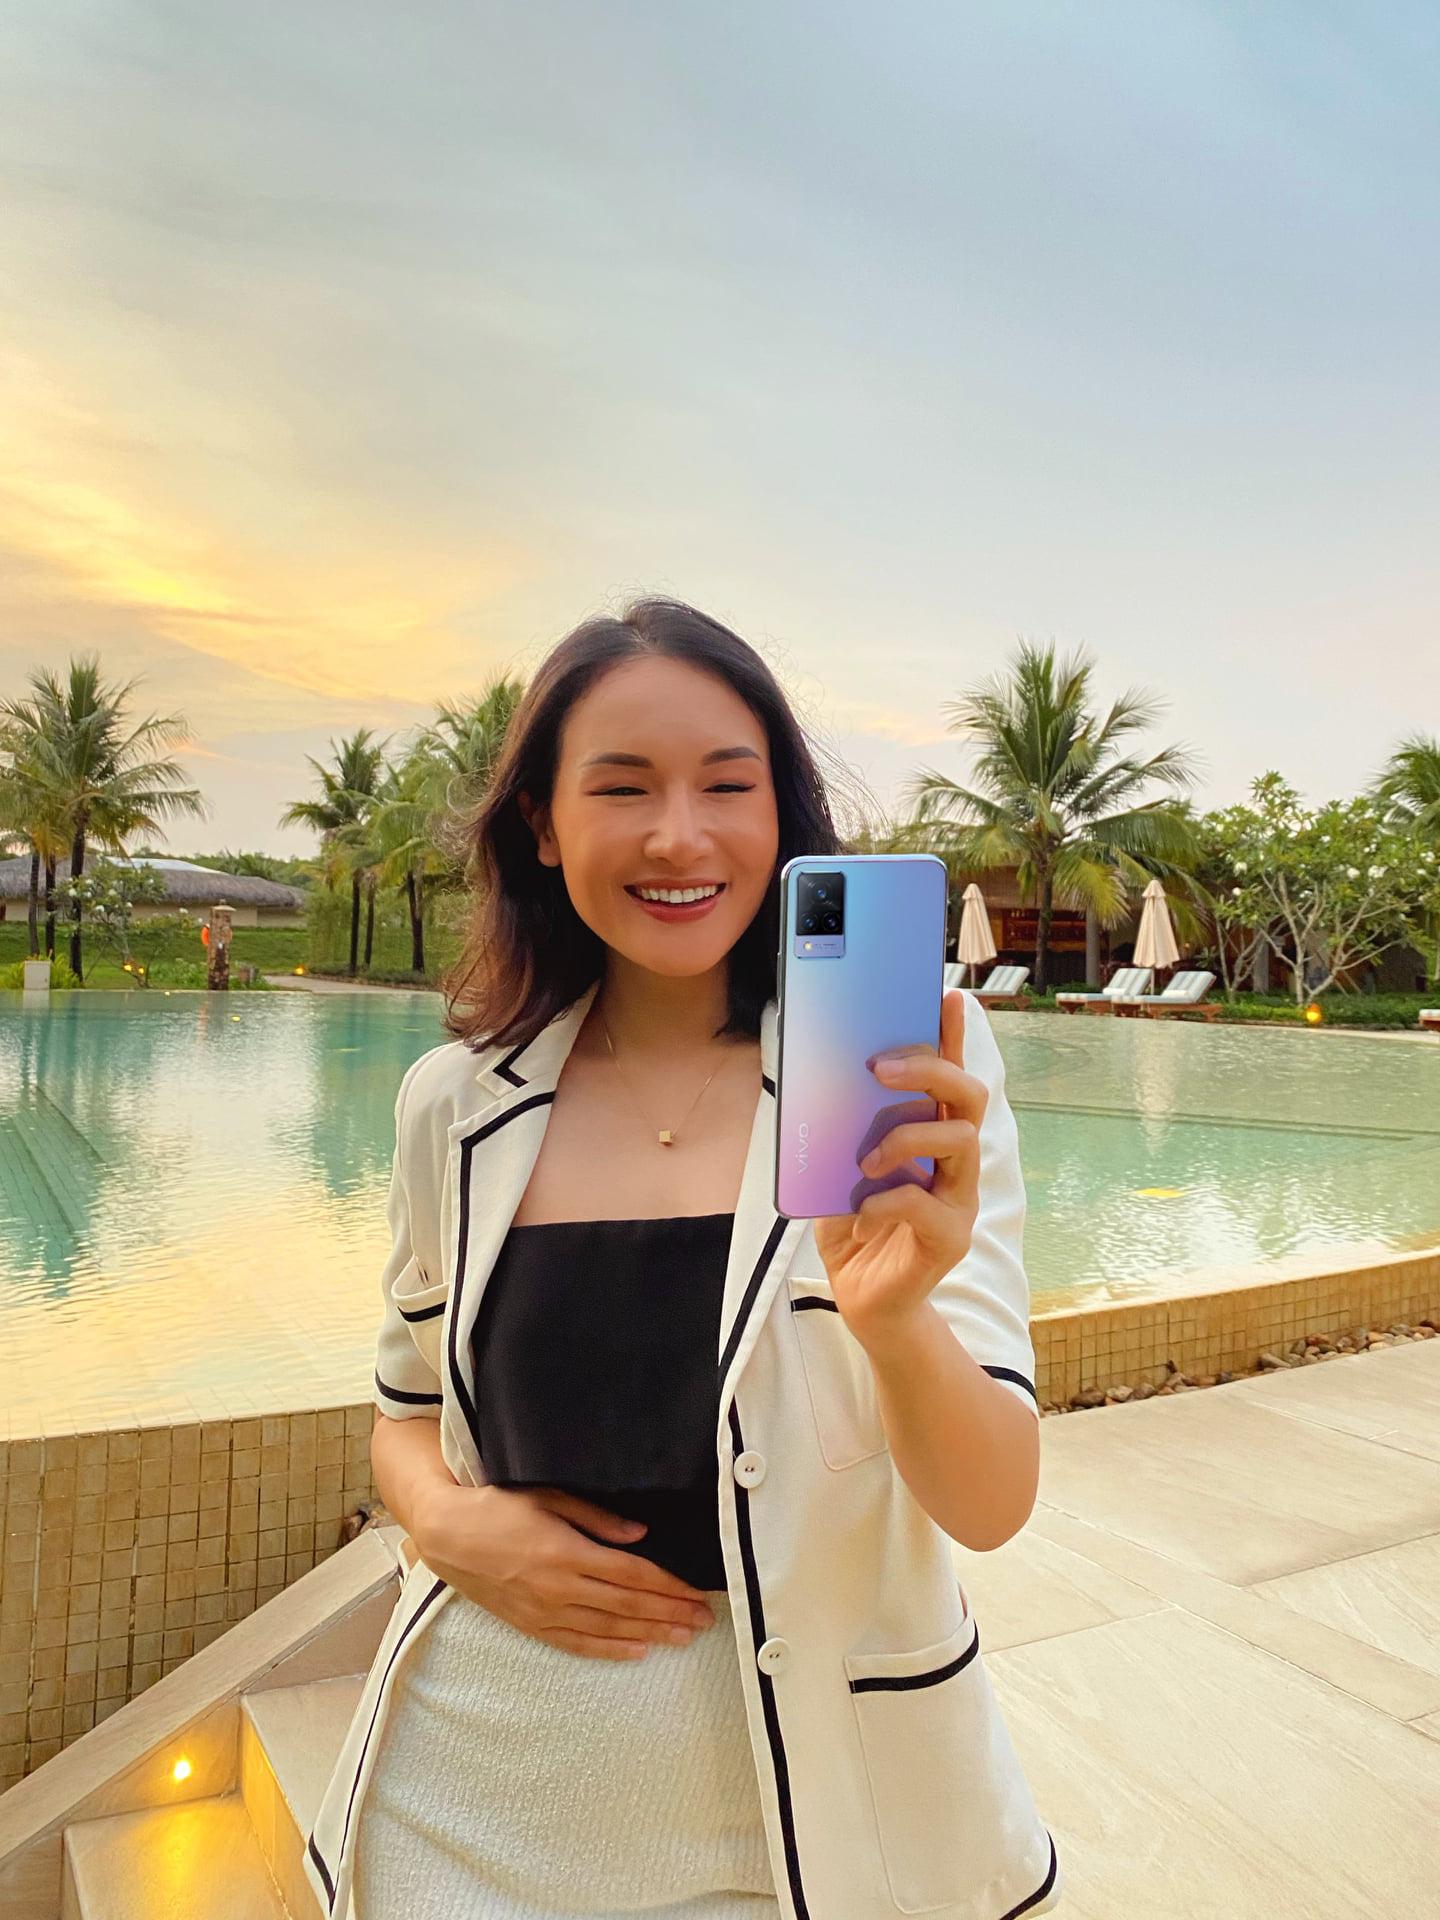 """Mặc trời tối thui, các YouTuber nổi tiếng Giang Ơi, Chan La Cà… vẫn chụp hình cực xịn nhờ """"siêu phẩm selfie"""" này - Ảnh 1."""